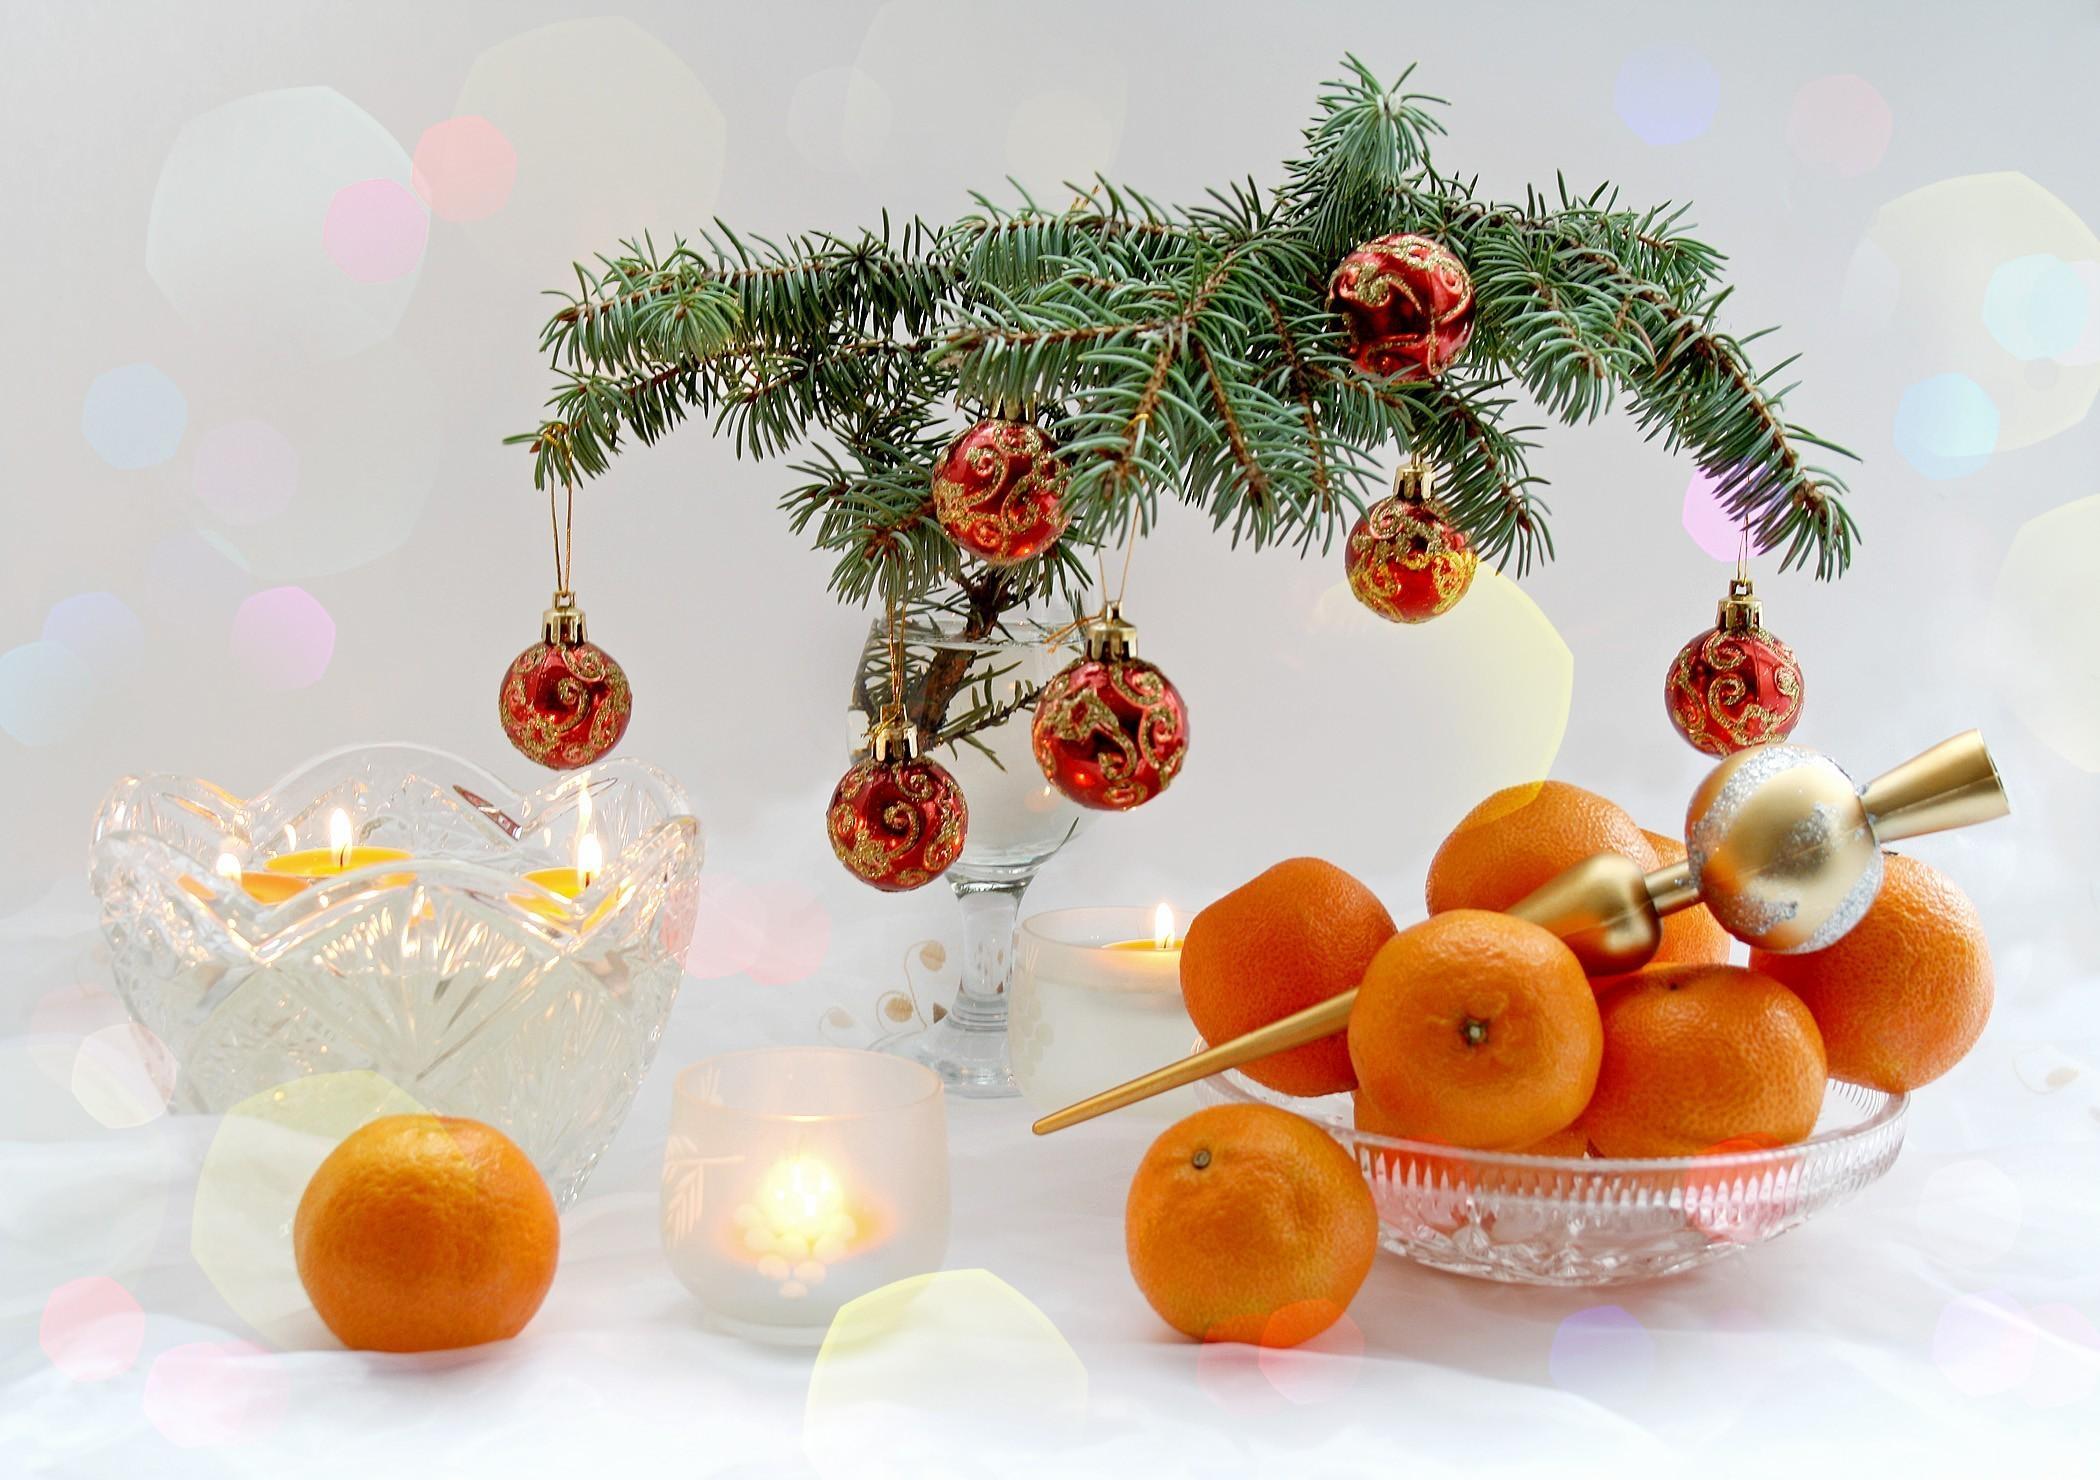 Ночи, открытка с мандаринами новогодняя